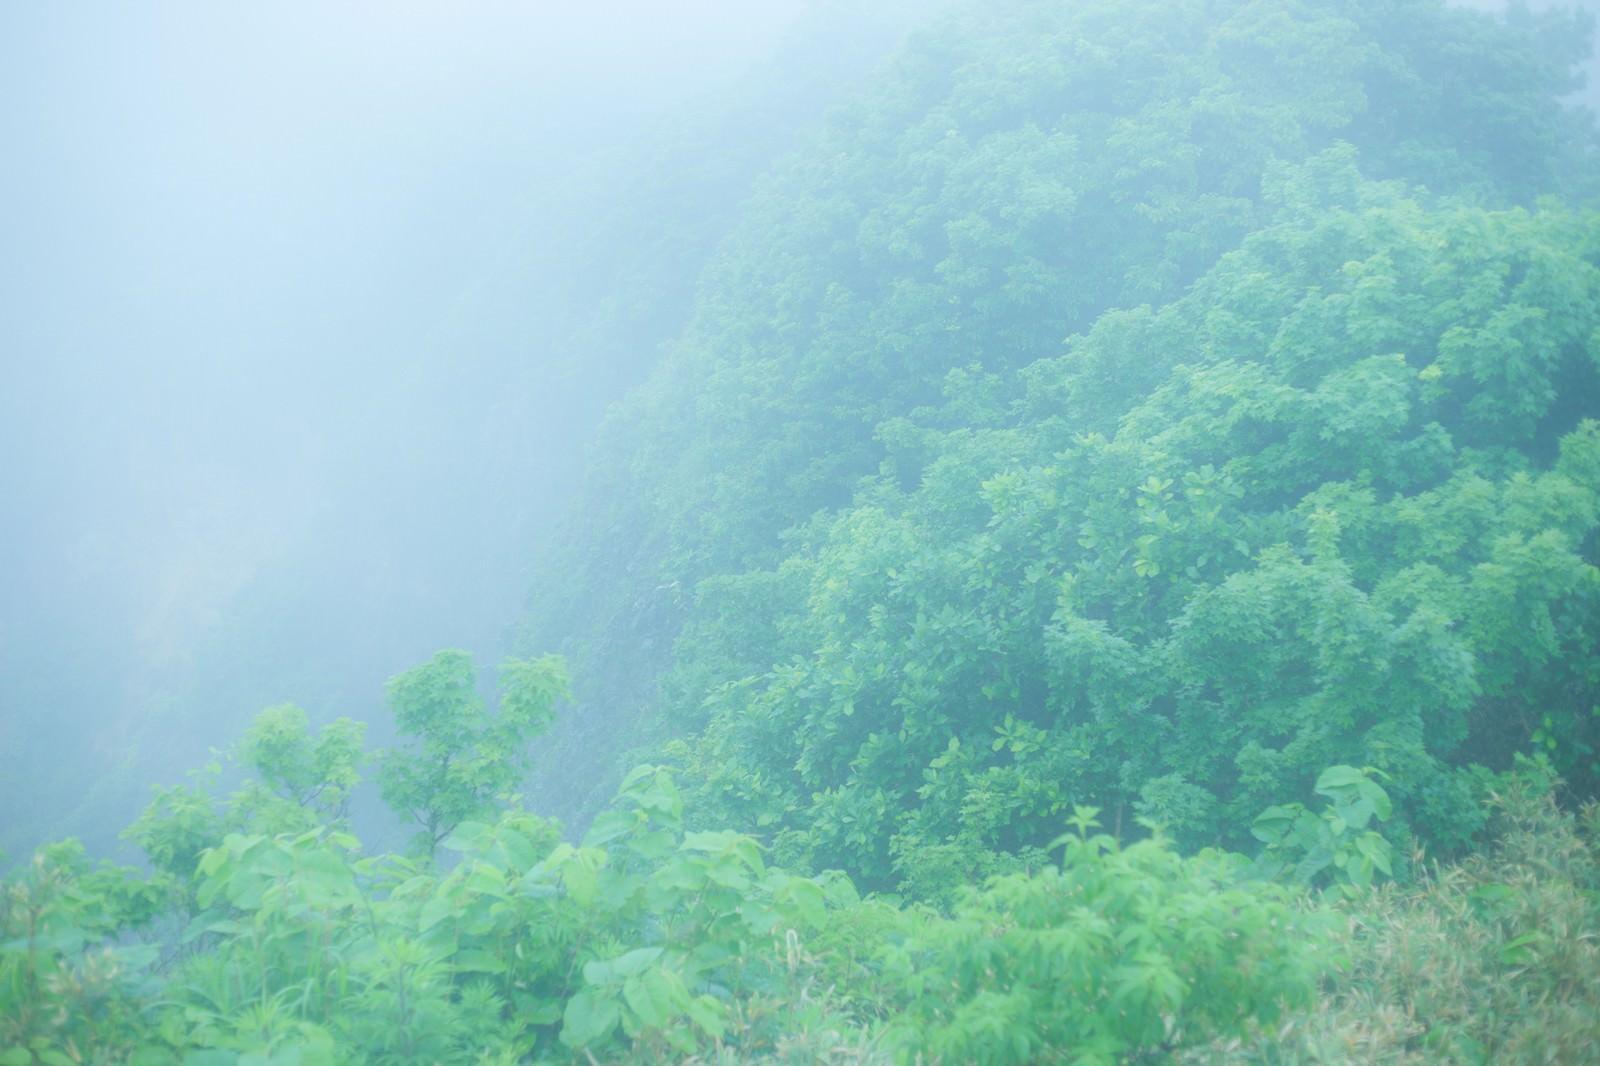 「勇者の行く手を阻む森」の写真